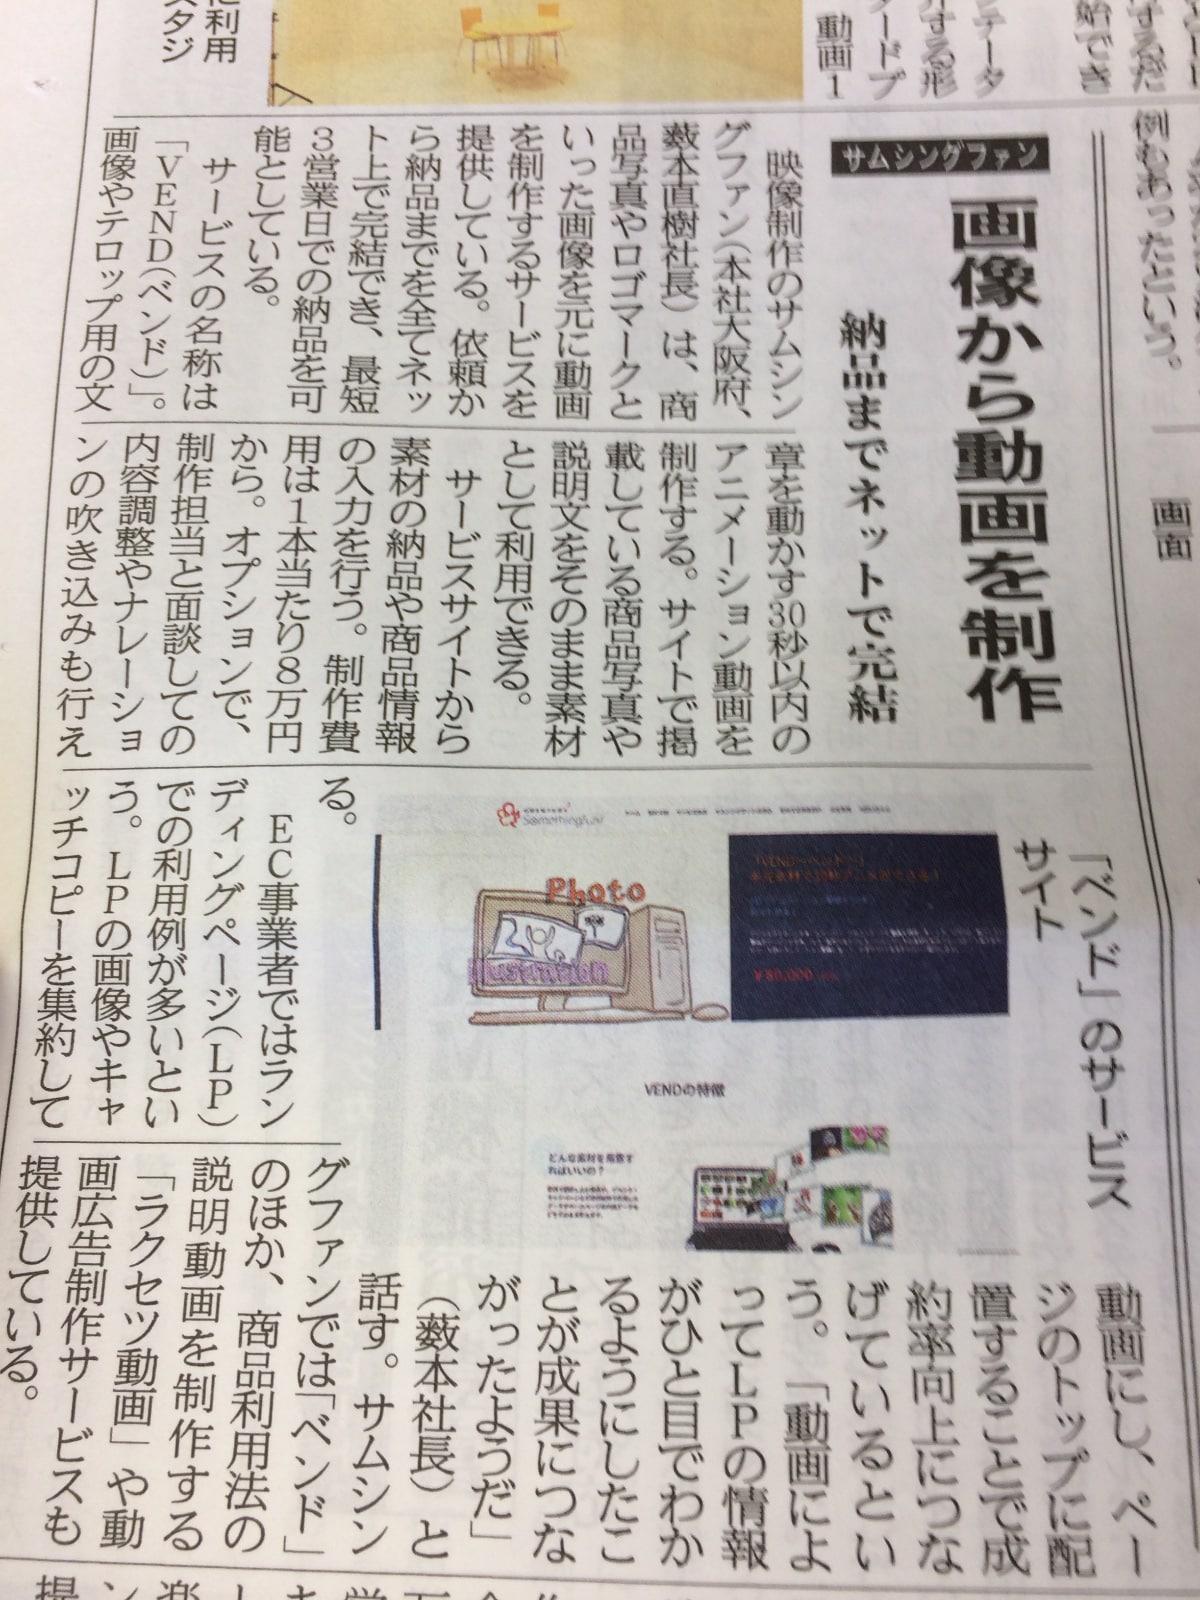 日本ネット経済新聞様にVEND掲載いただきました